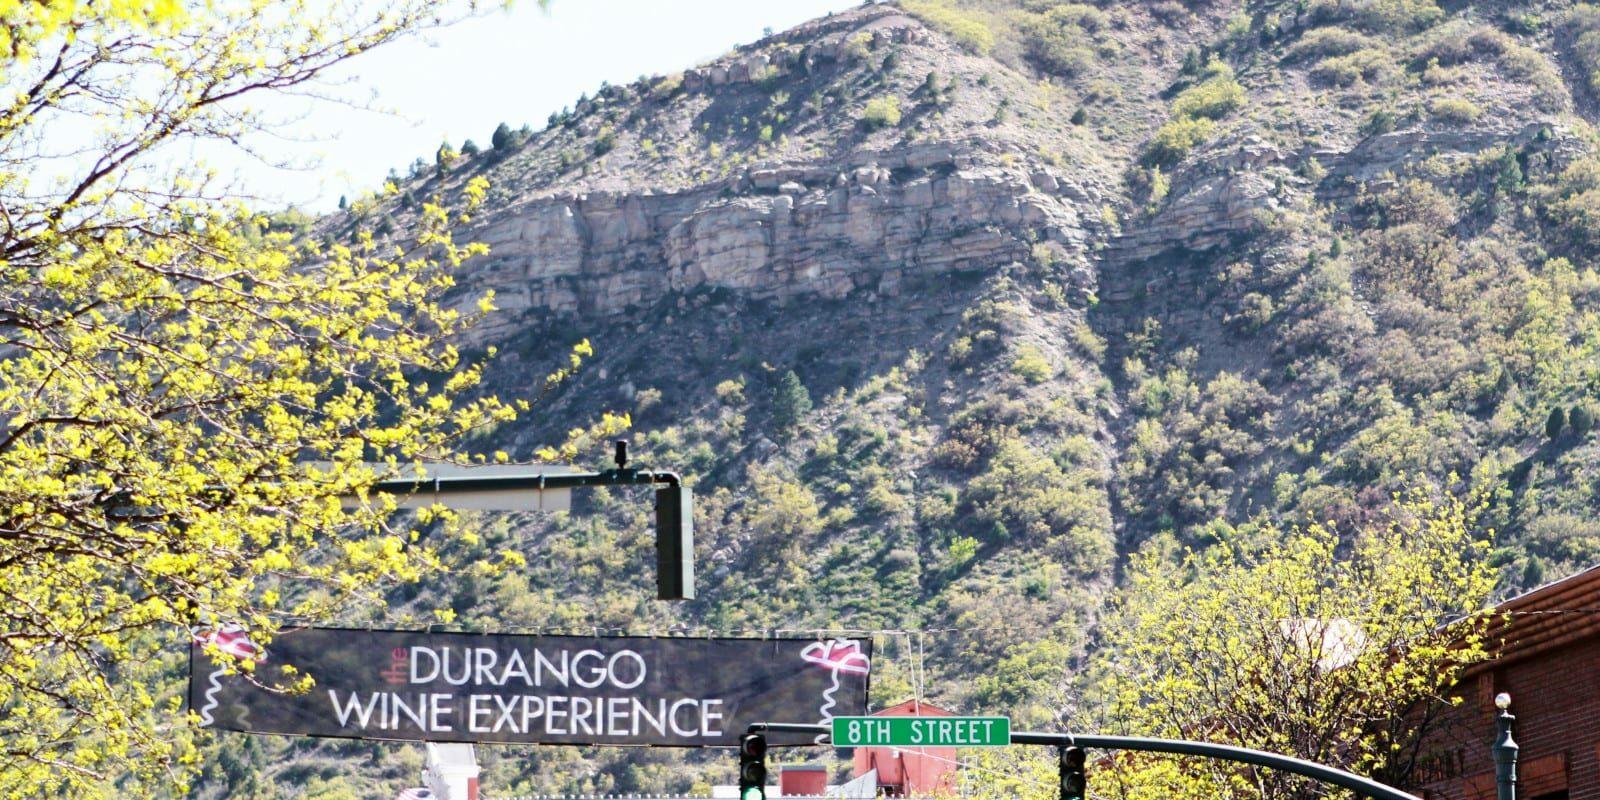 Durango Wine Experience Colorado